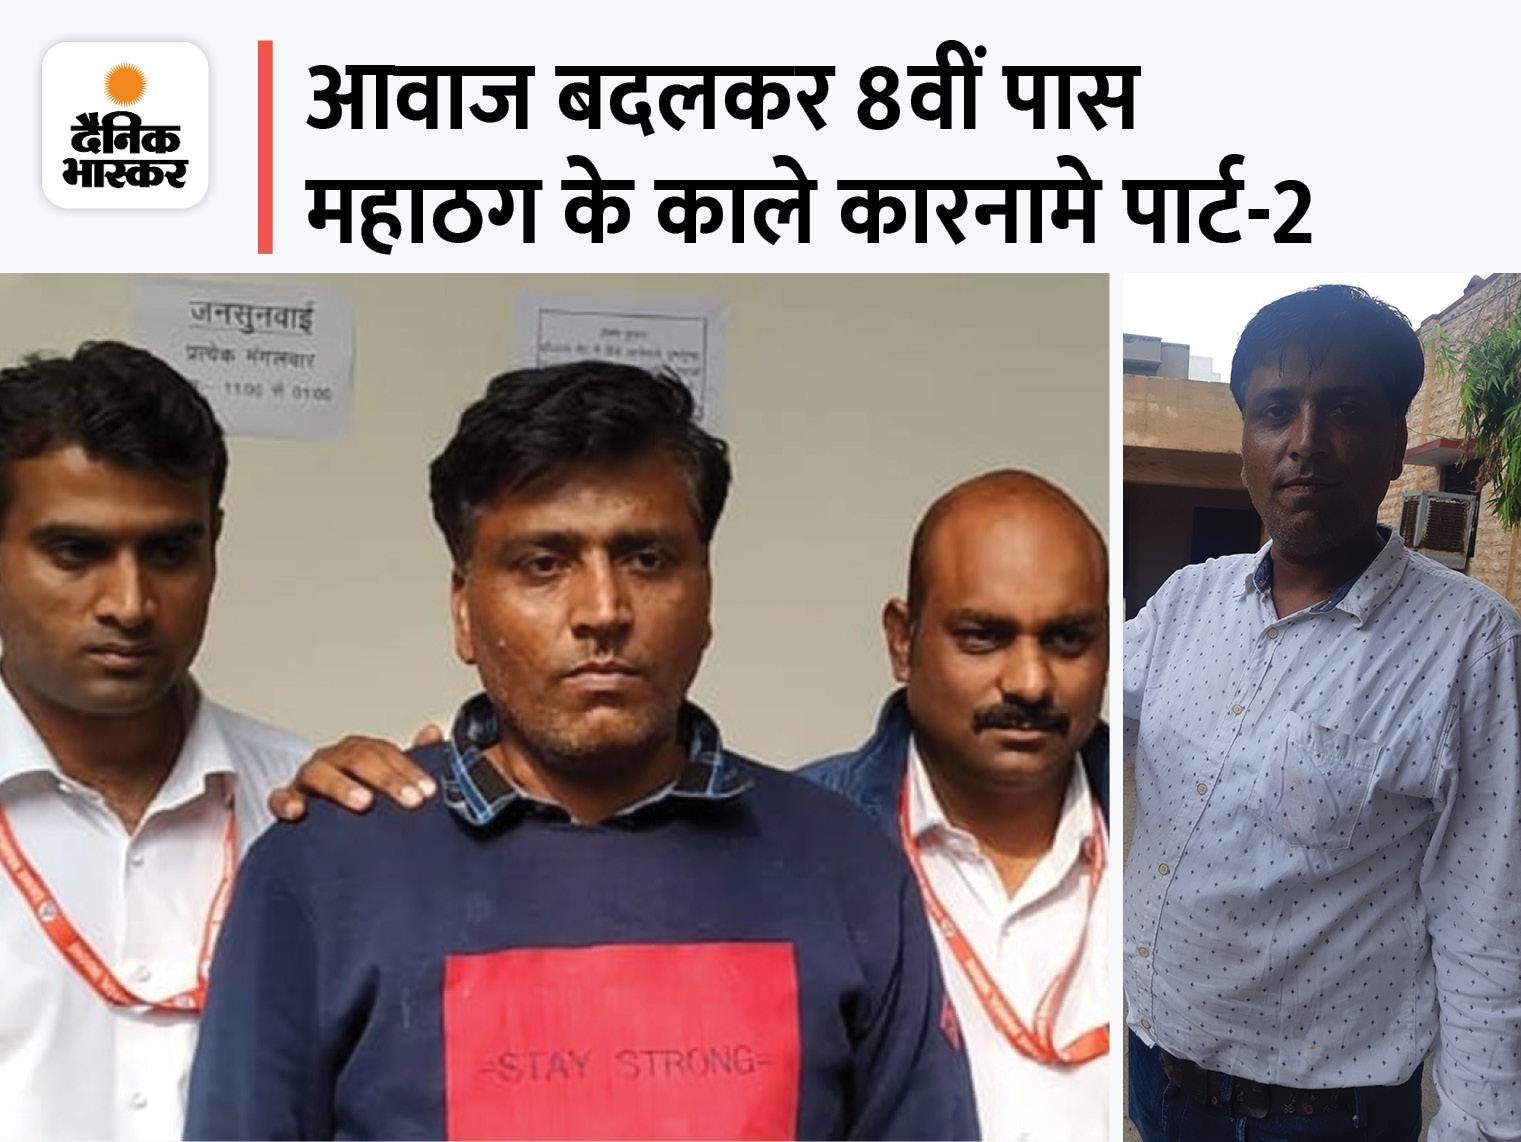 जिस जेल में बंद था उसी जेलर के रिश्तेदार से 6 लाख ठगे, CM गहलोत के बेटे के नाम से निकलवा ली थी AUDI कार|जयपुर,Jaipur - Dainik Bhaskar